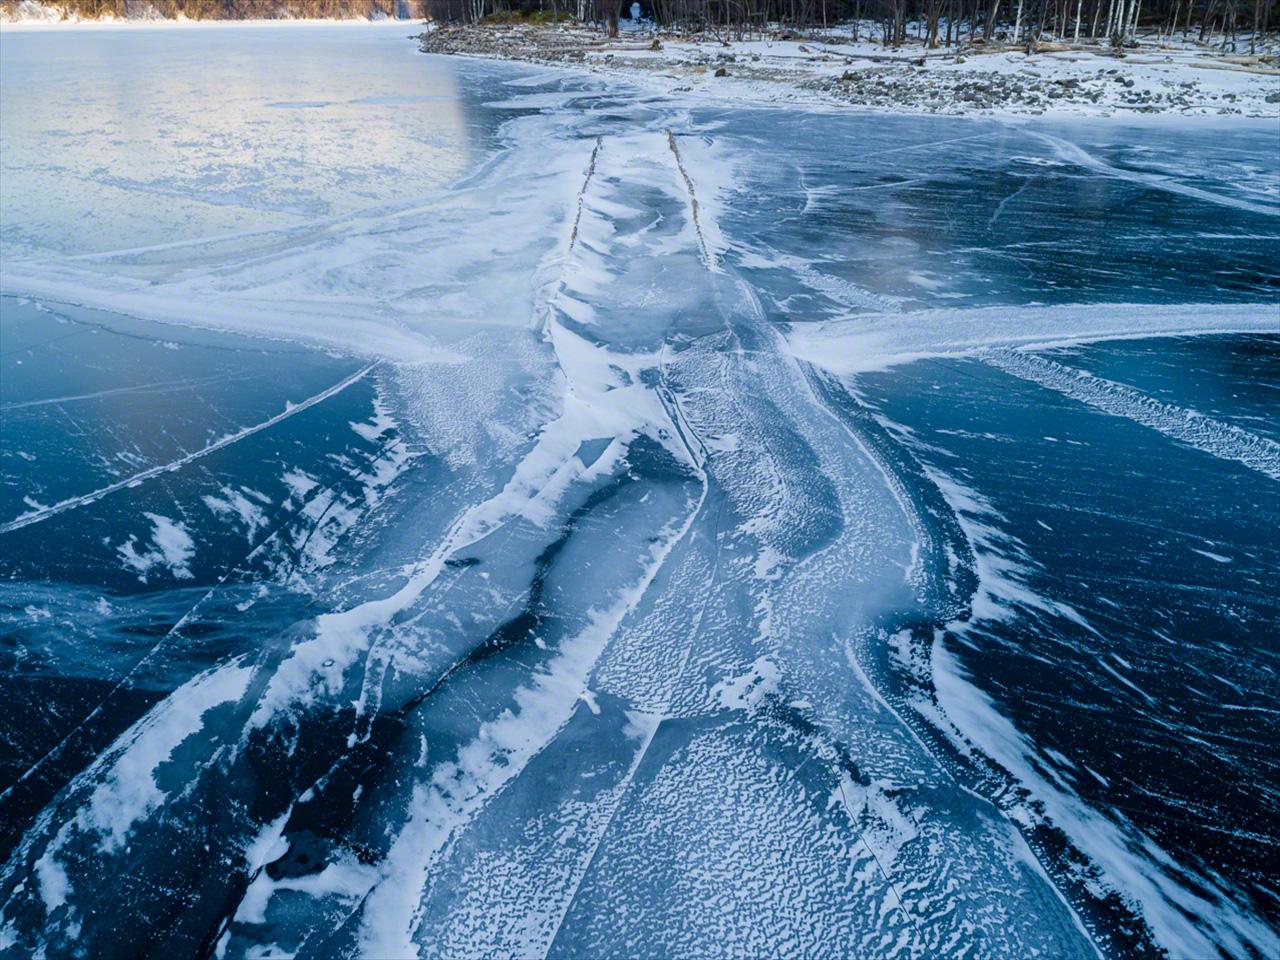 Cuando el nivel del agua baja en diciembre, el puente, cubierto de una fina capa de hielo, empieza a reaparecer.